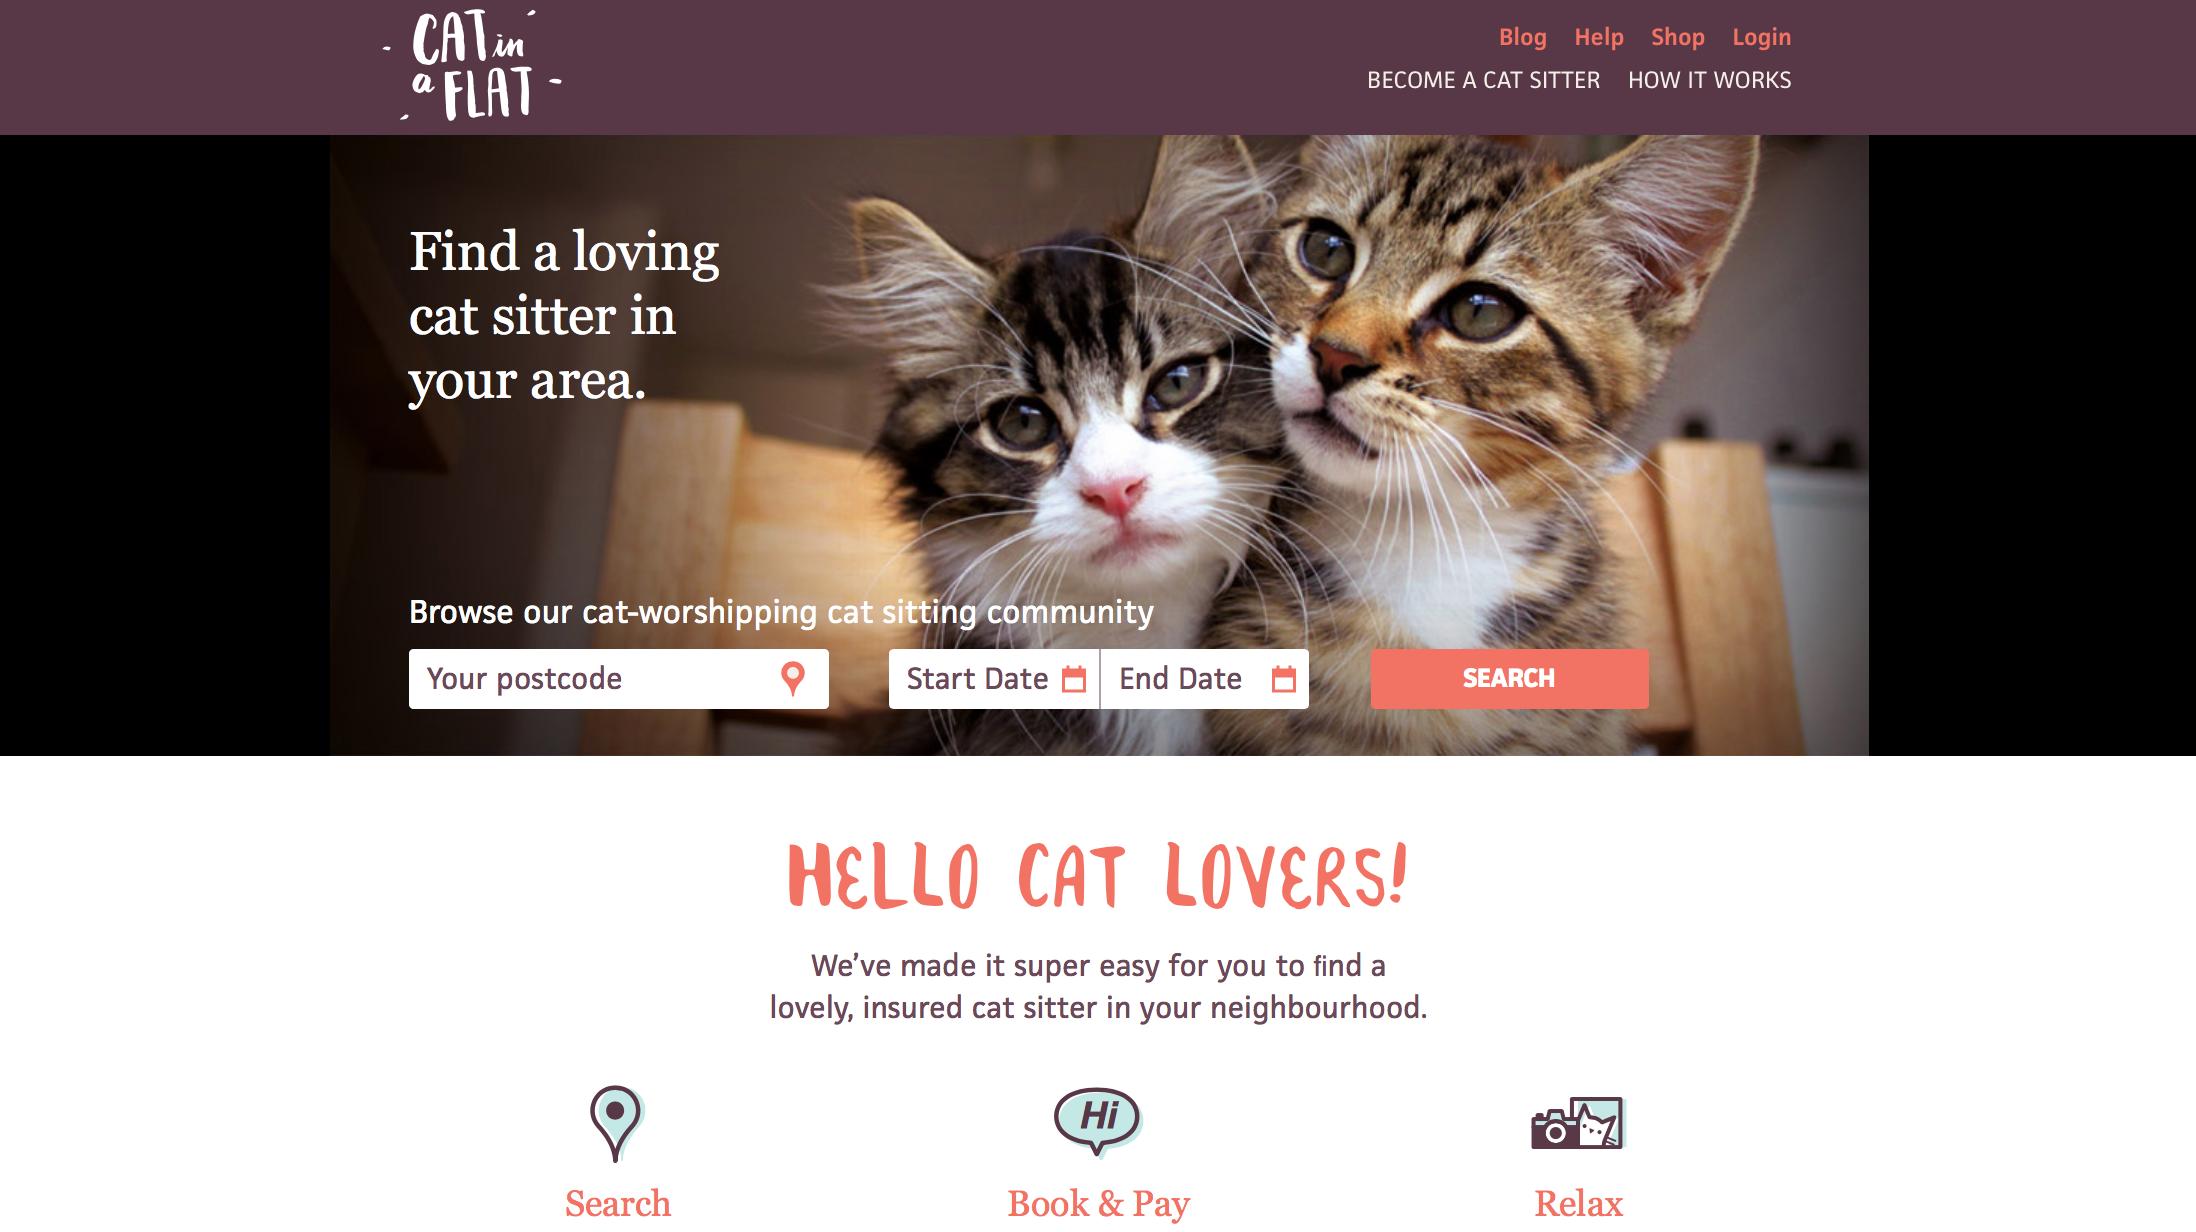 cat in a flat website